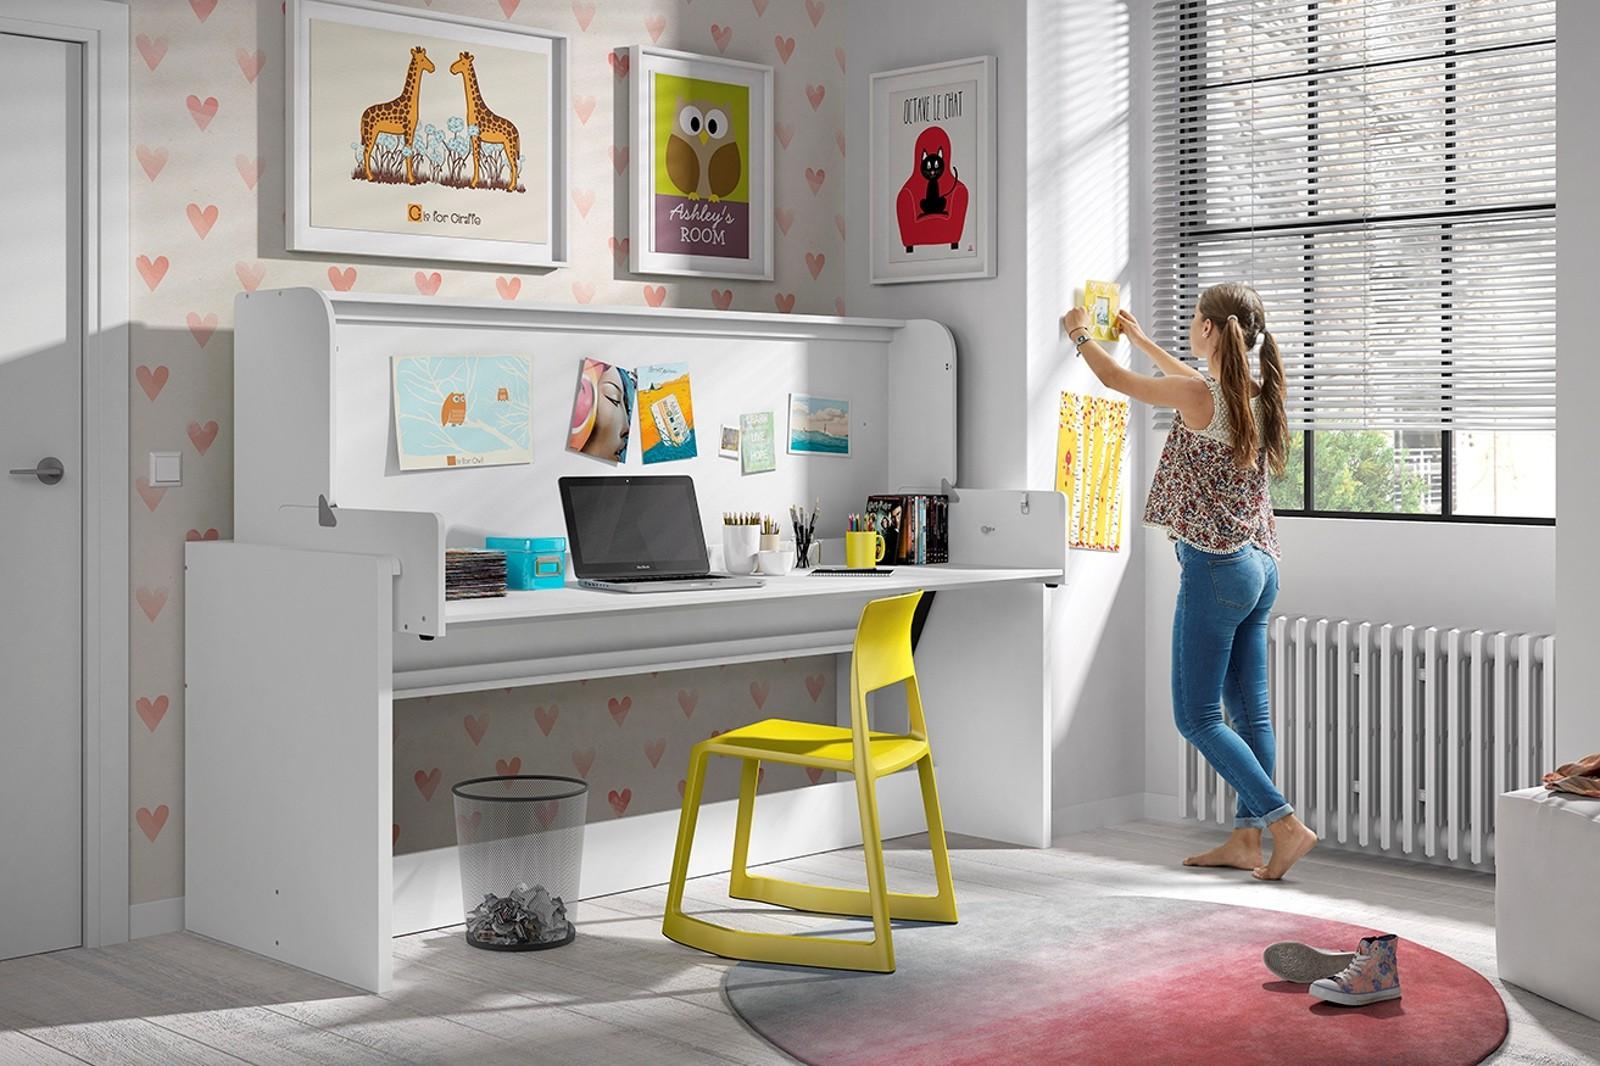 funktionsbett denver mit einzelbett und schreibtisch. Black Bedroom Furniture Sets. Home Design Ideas